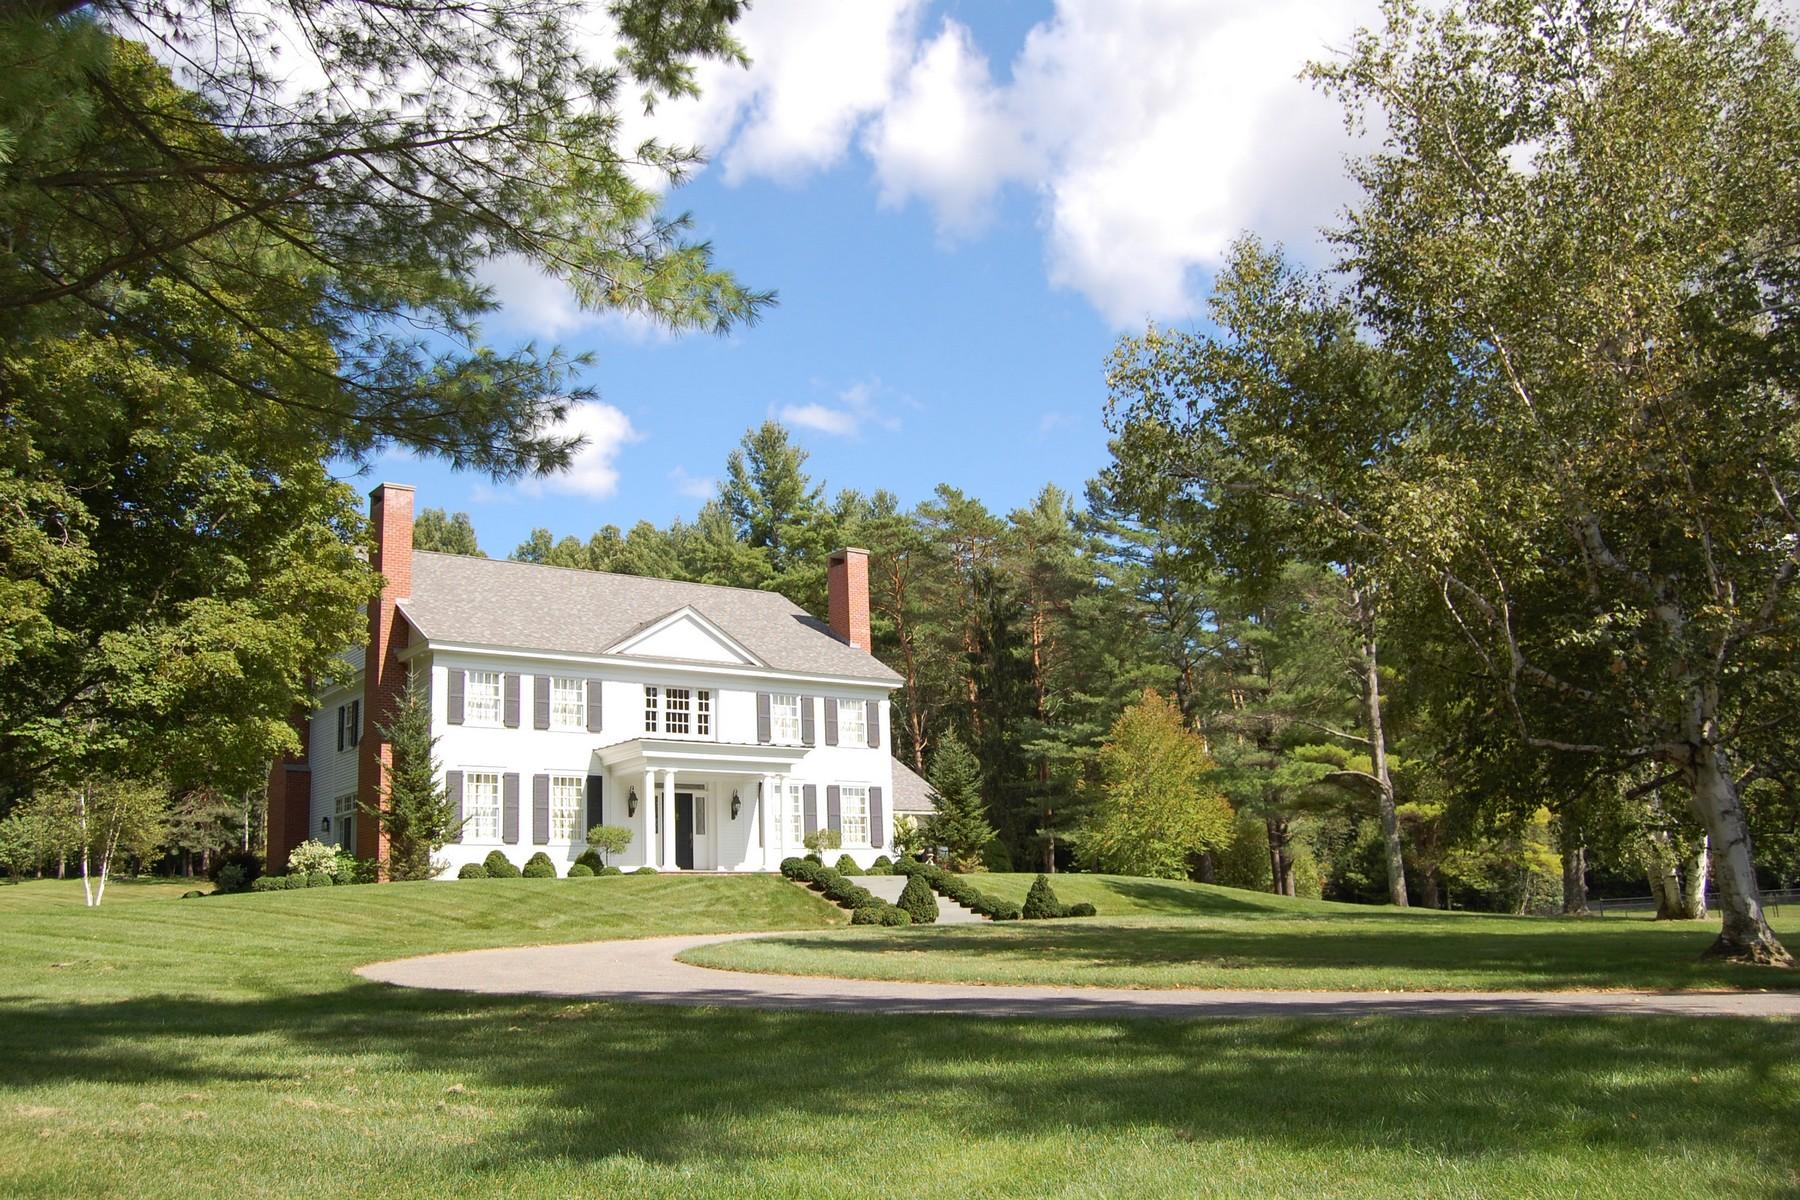 Maison unifamiliale pour l Vente à Elegant Vermont Retreat 92 Cascades Rd Manchester, Vermont, 05254 États-Unis